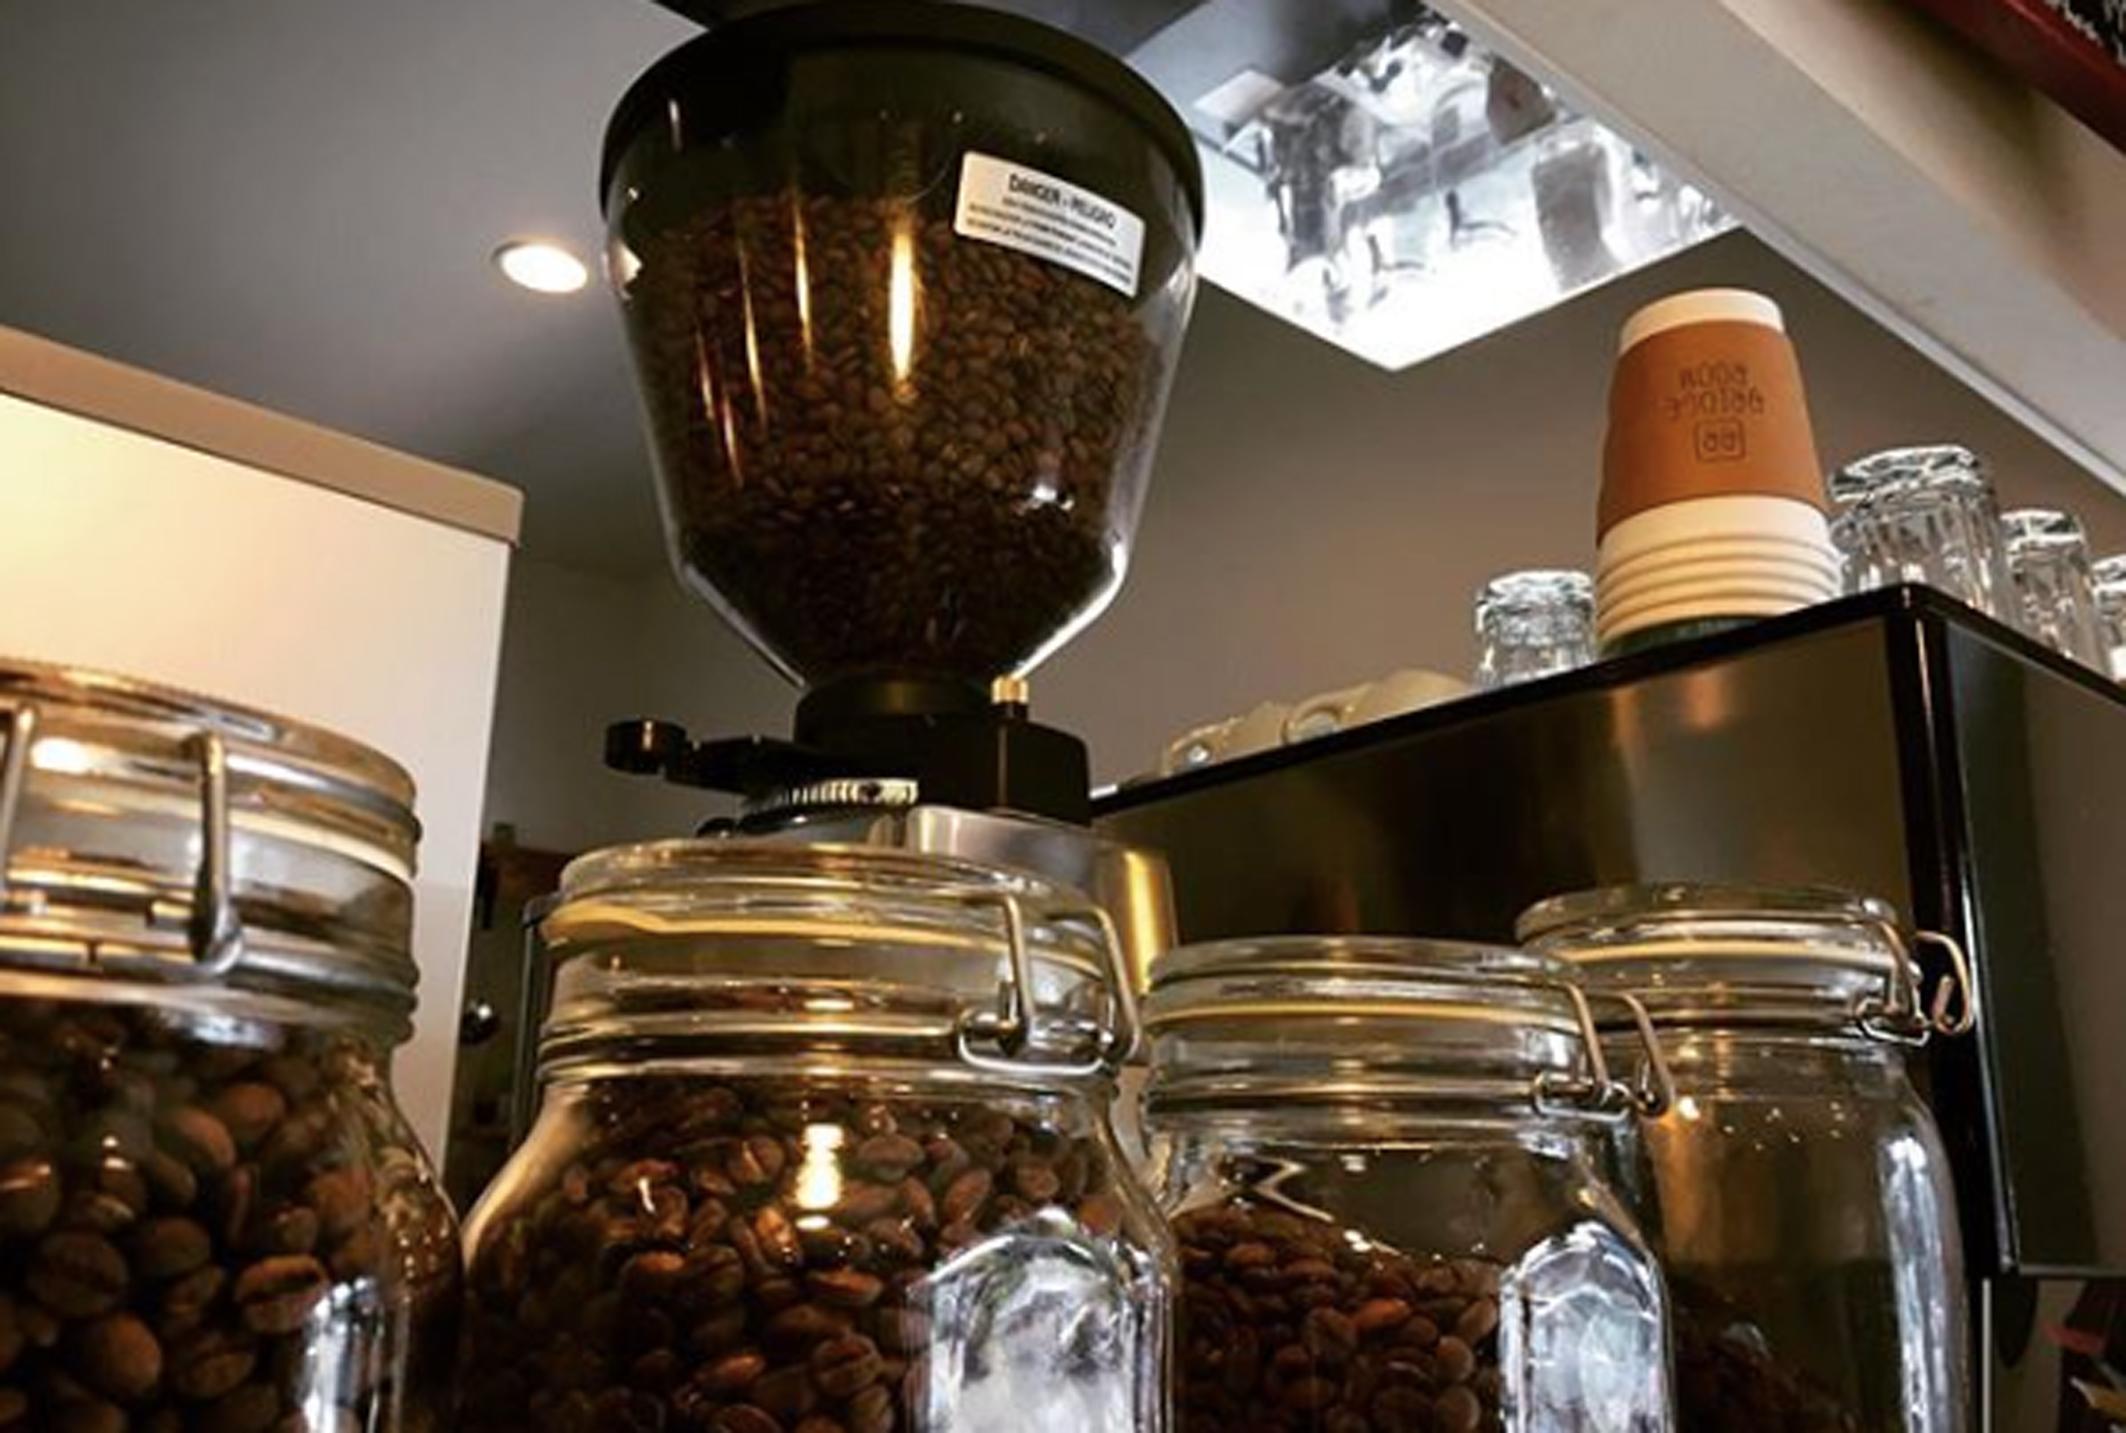 1月6日(土)/ 8日(月祝)コミュニティスペースに限定カフェ販売スペースが登場